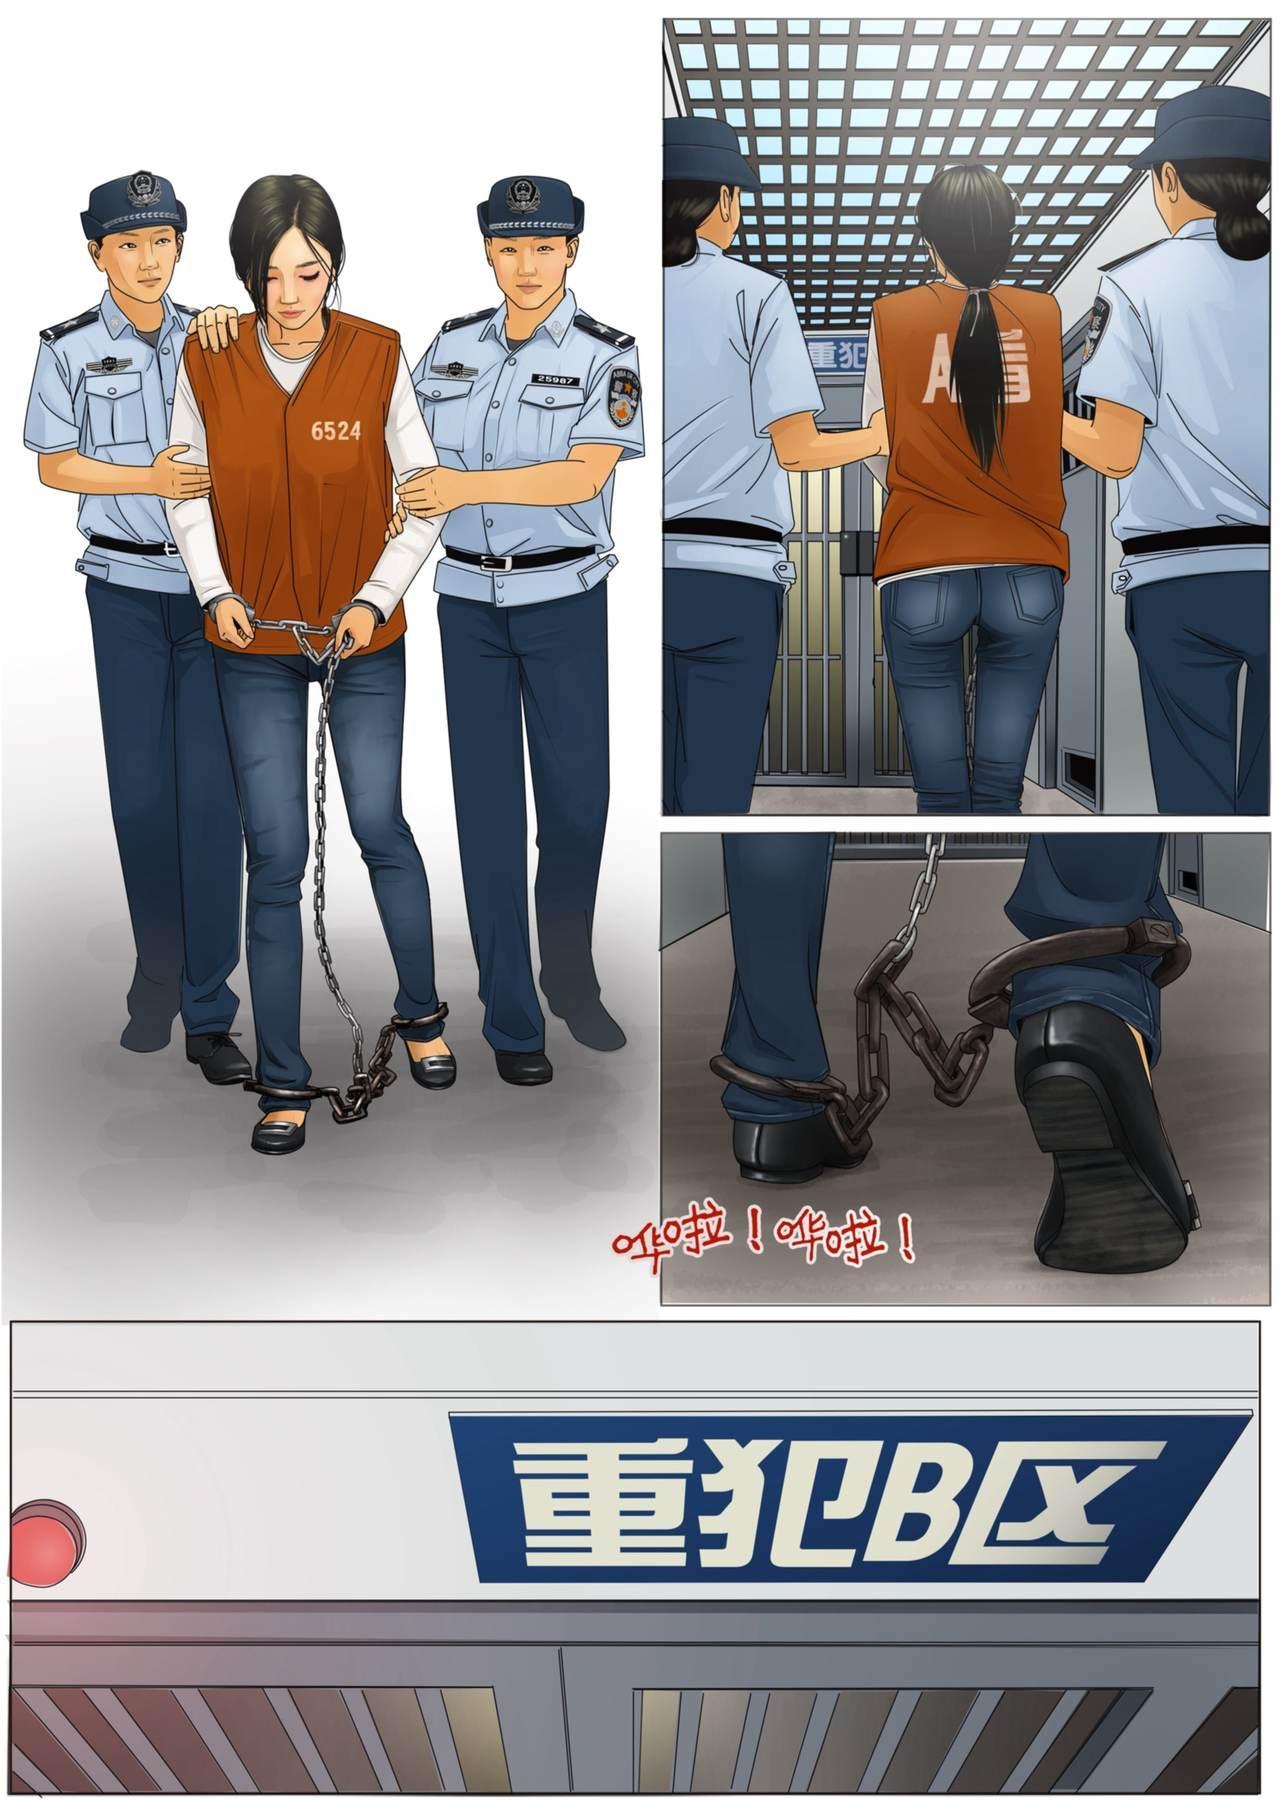 [枫语]Three Female Prisoners 3 [Chinese]中文 20